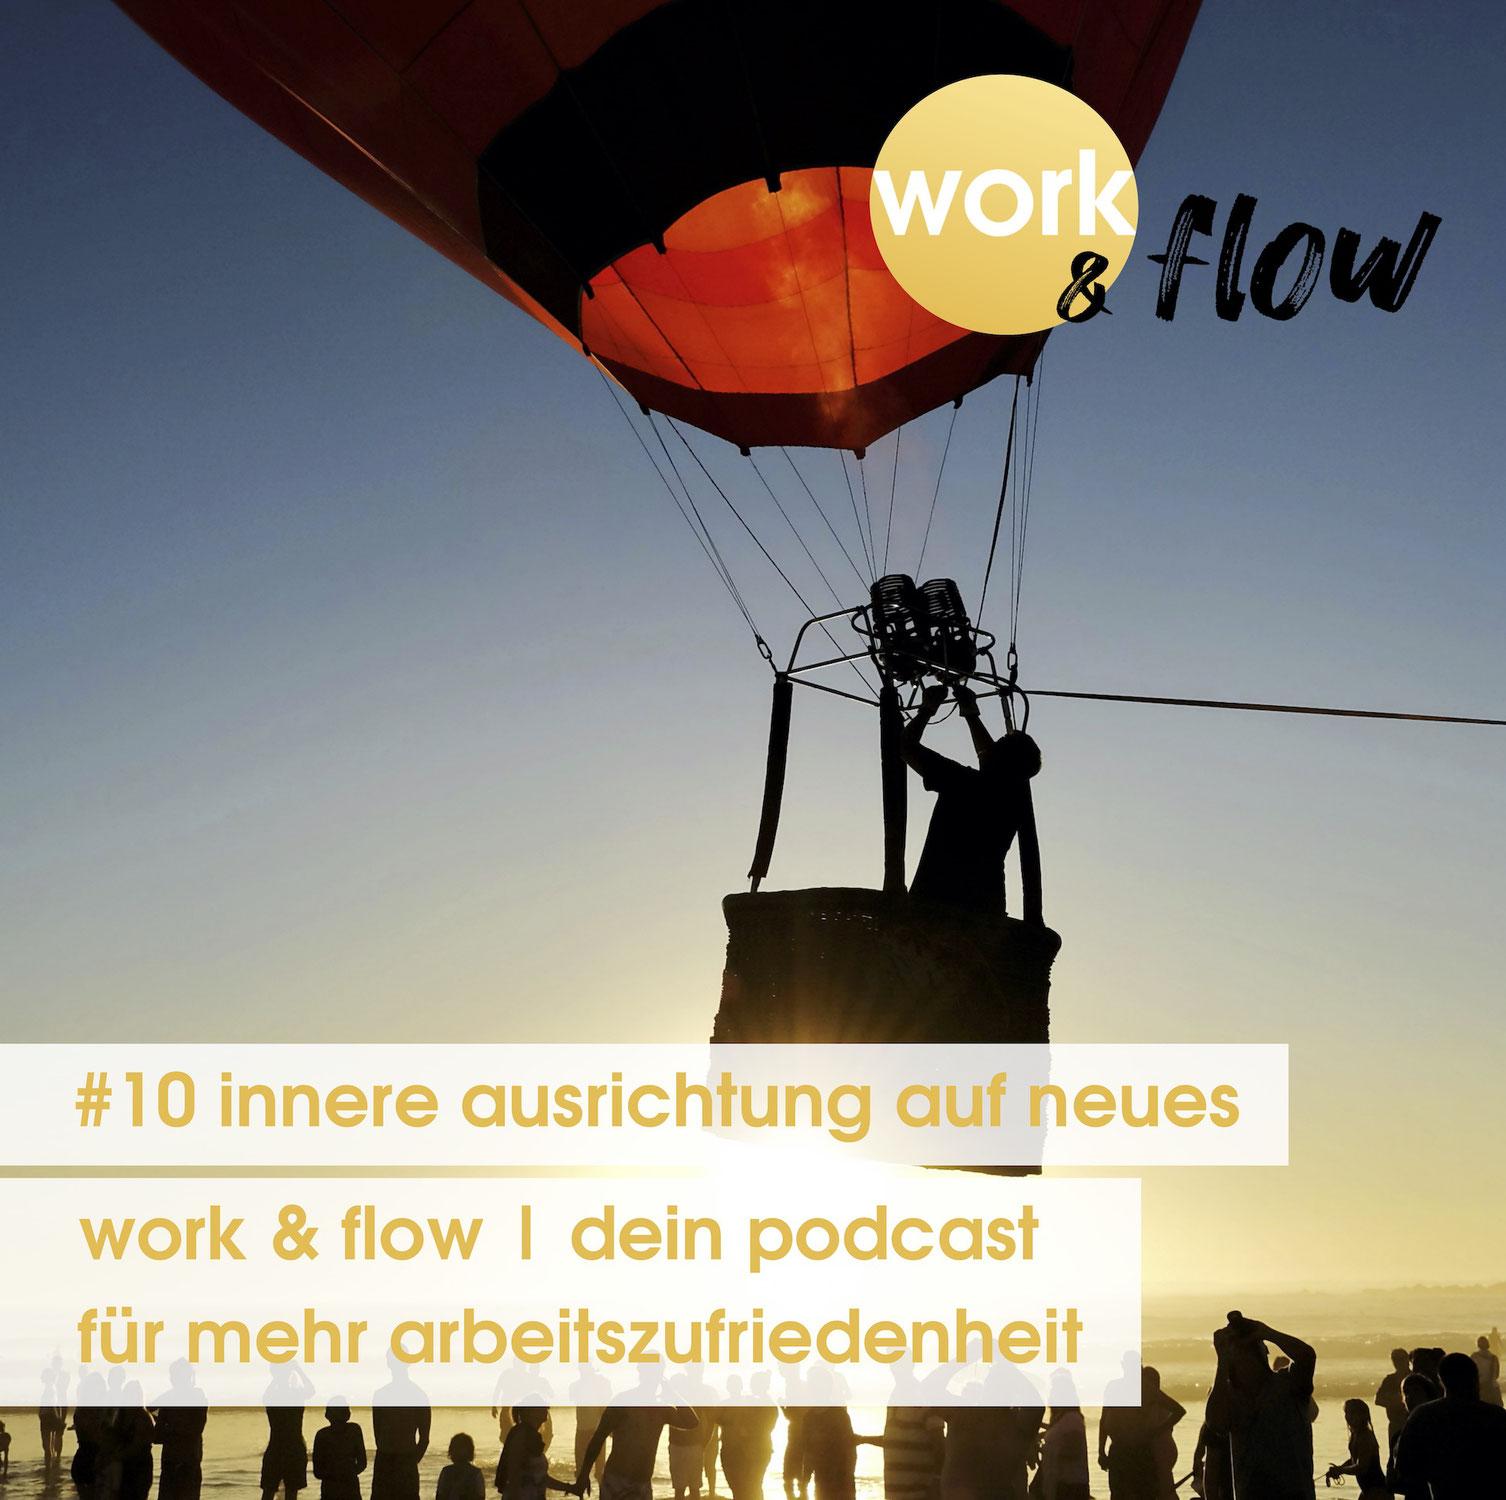 #10 innere ausrichtung auf neues